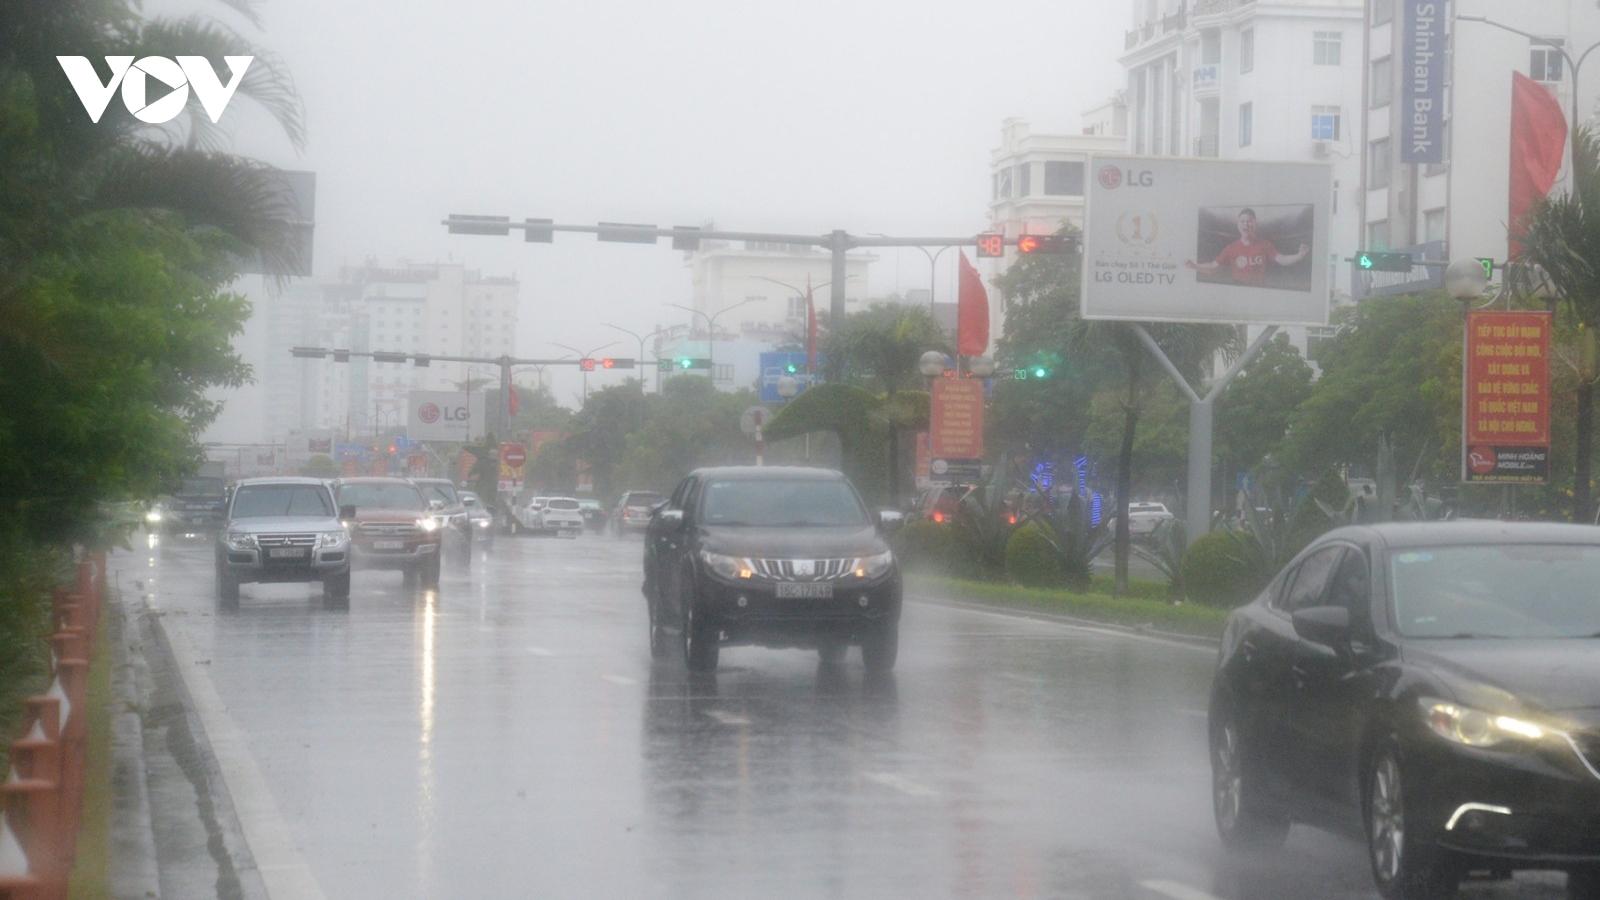 Bão số 7 suy yếu thành áp thấp, đi vào các tỉnh từ Thái Bình đến Thanh Hóa